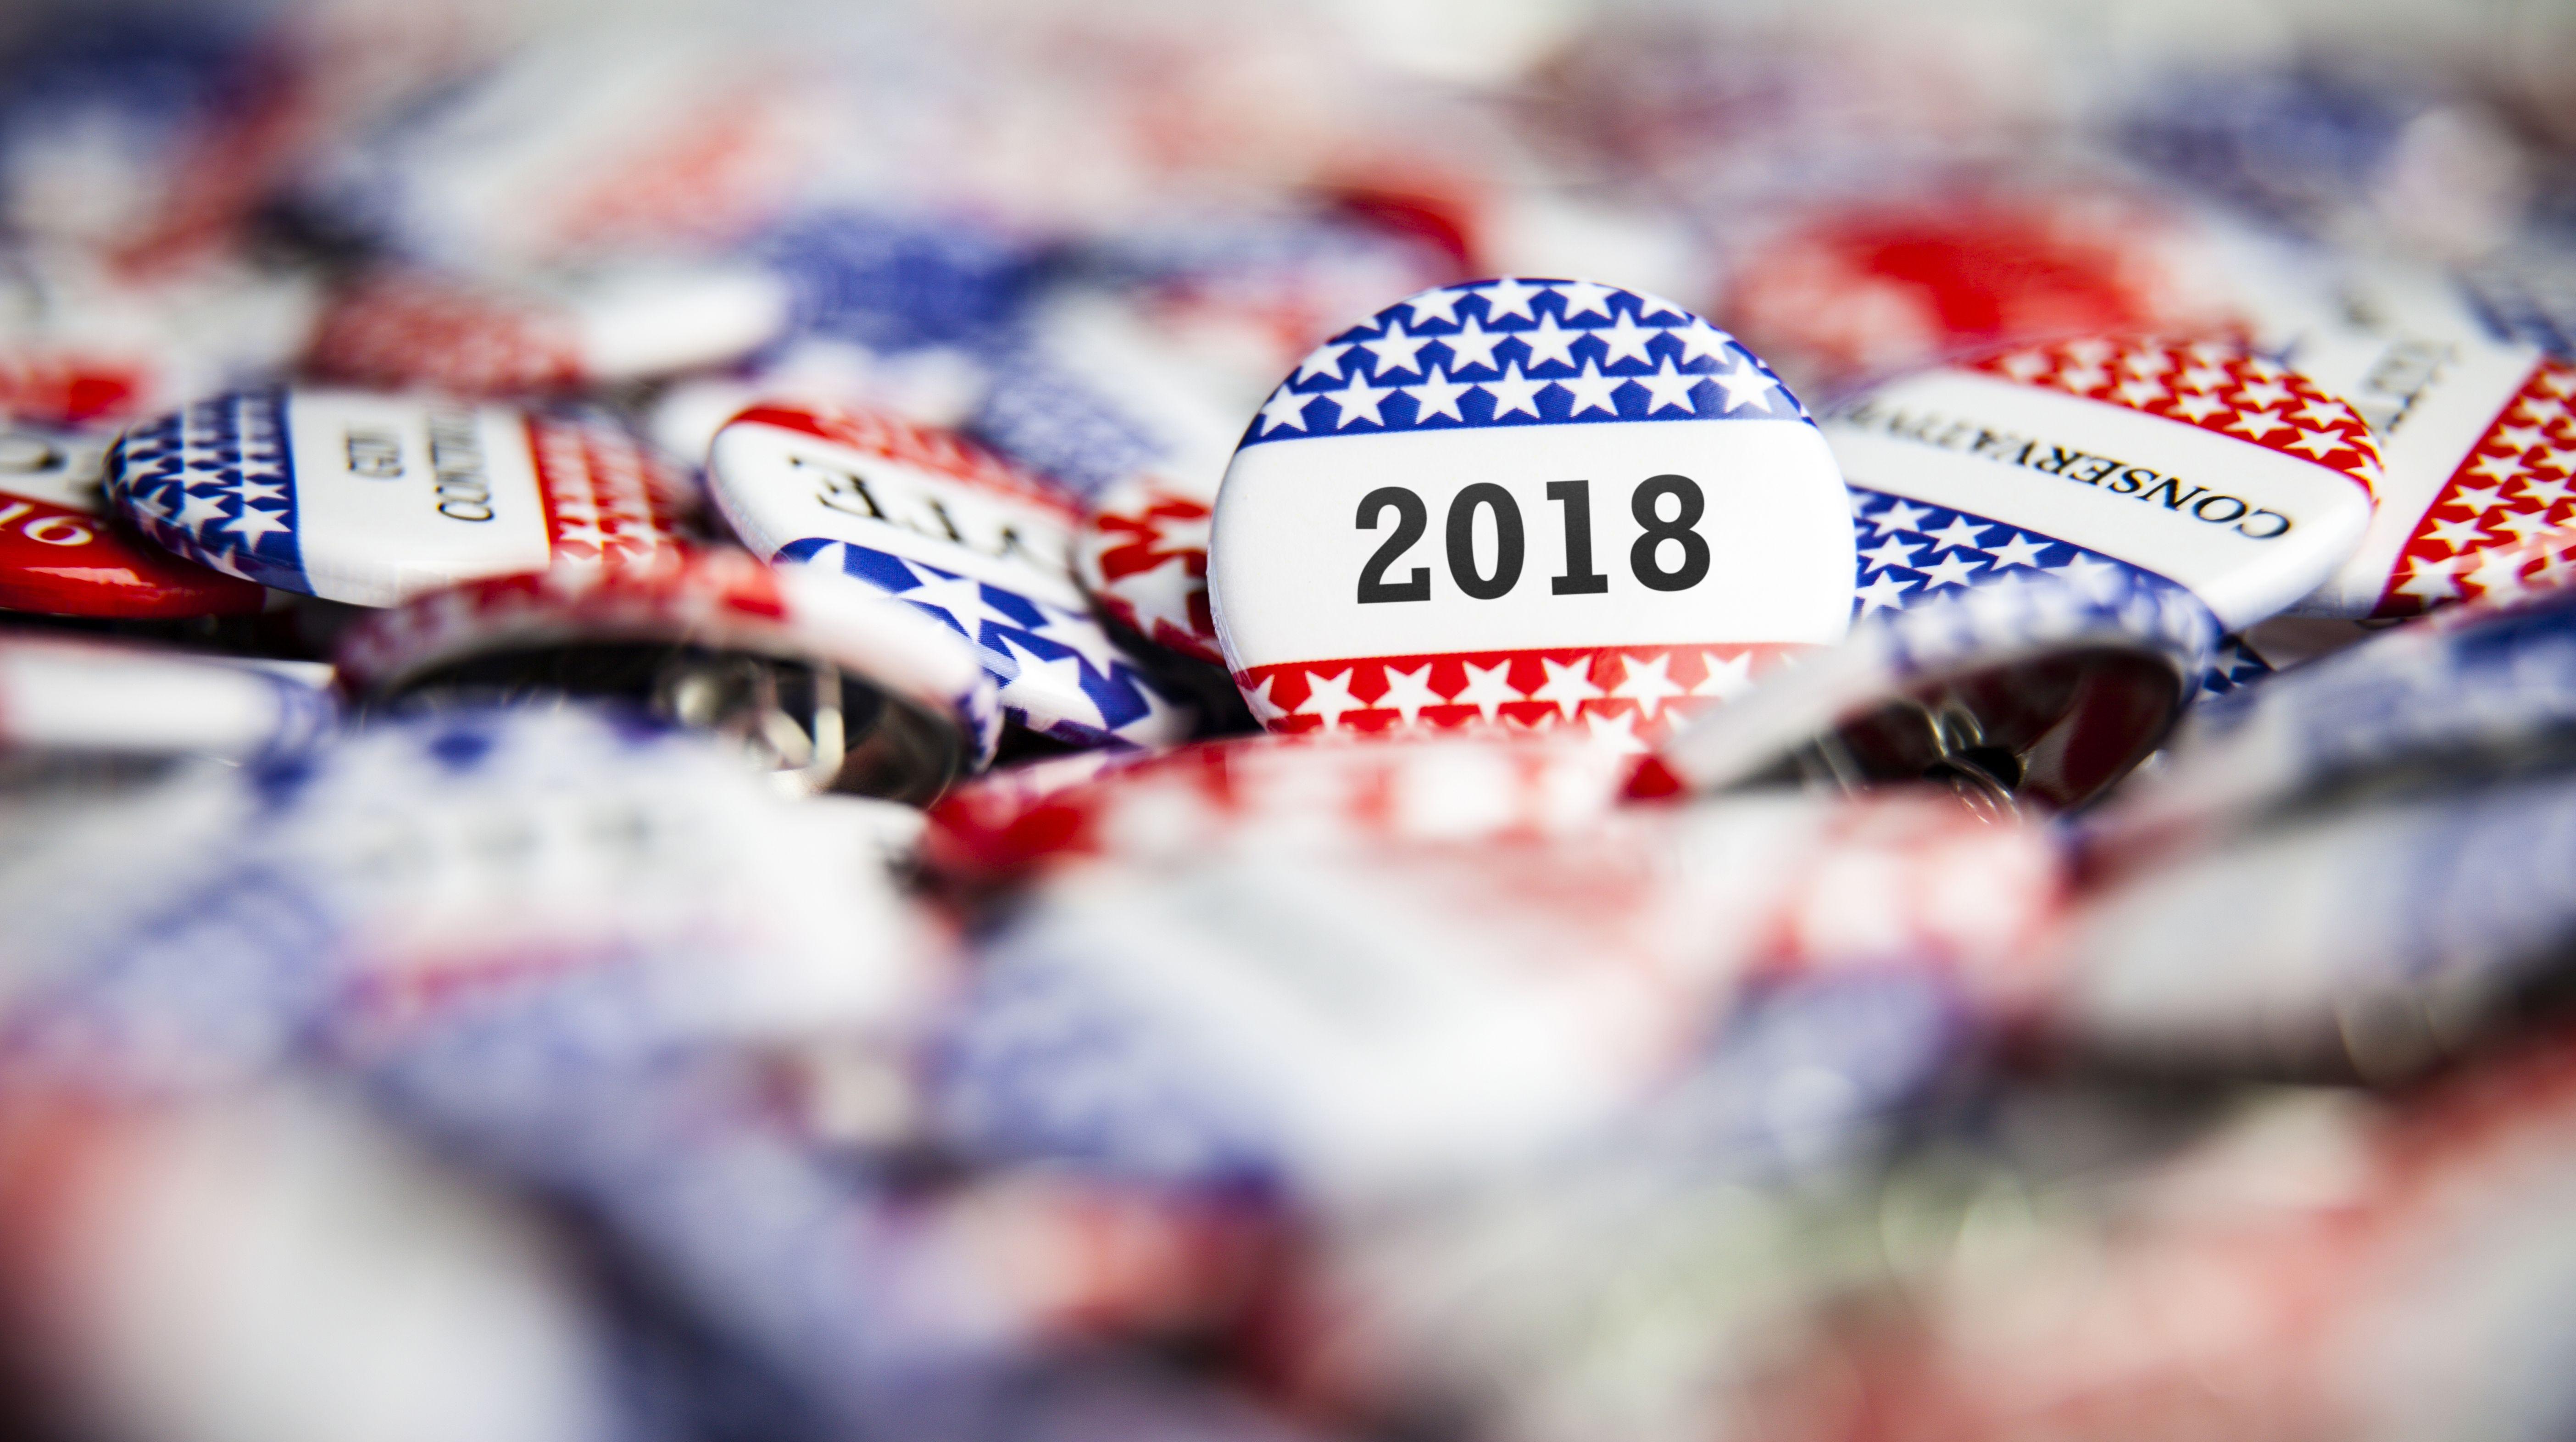 Alabama voter registration deadline: How can I register to vote?